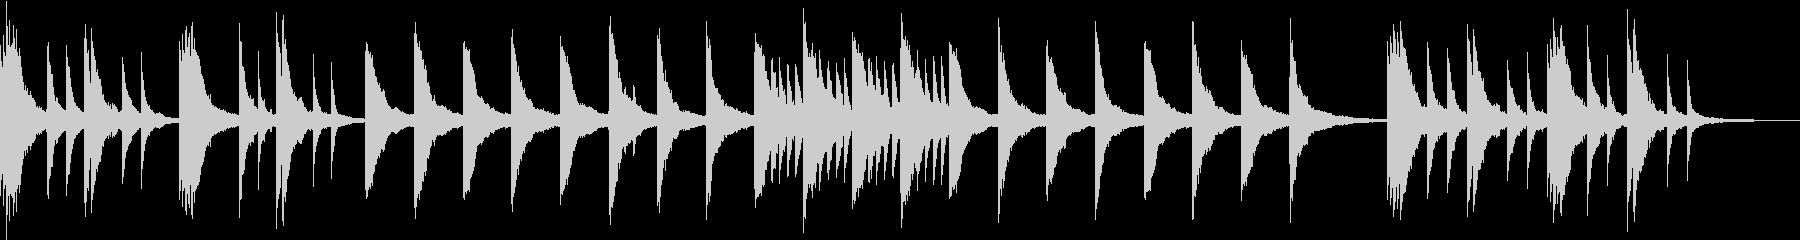 物憂げな日常のイメージのピアノBGMの未再生の波形